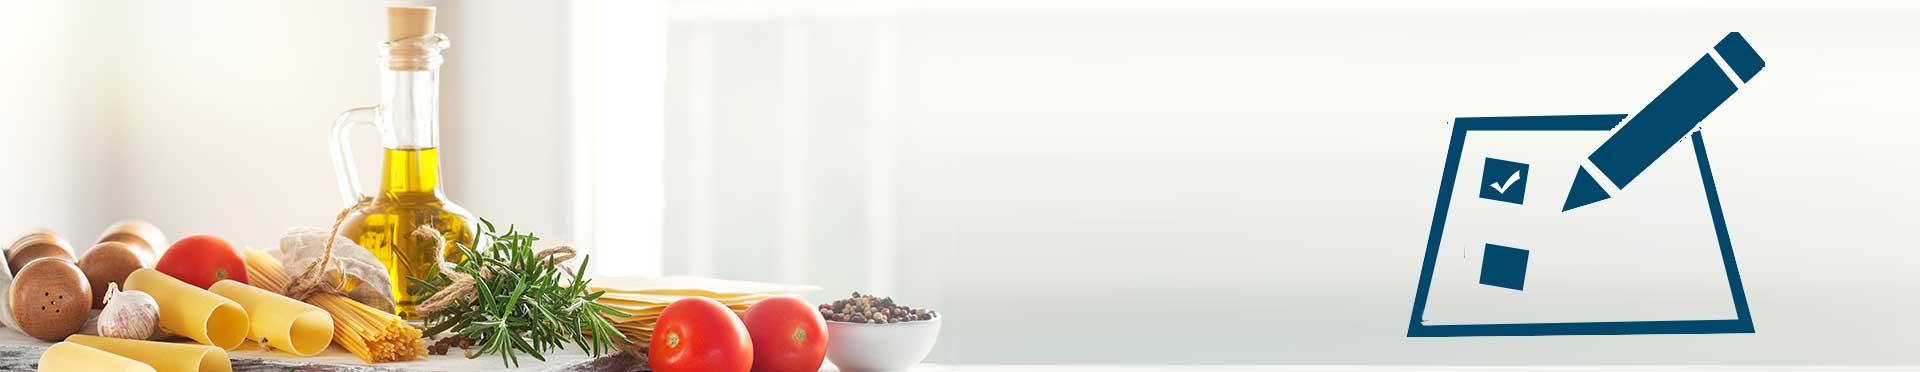 Correcta implantación de APPCC en el sector alimentario